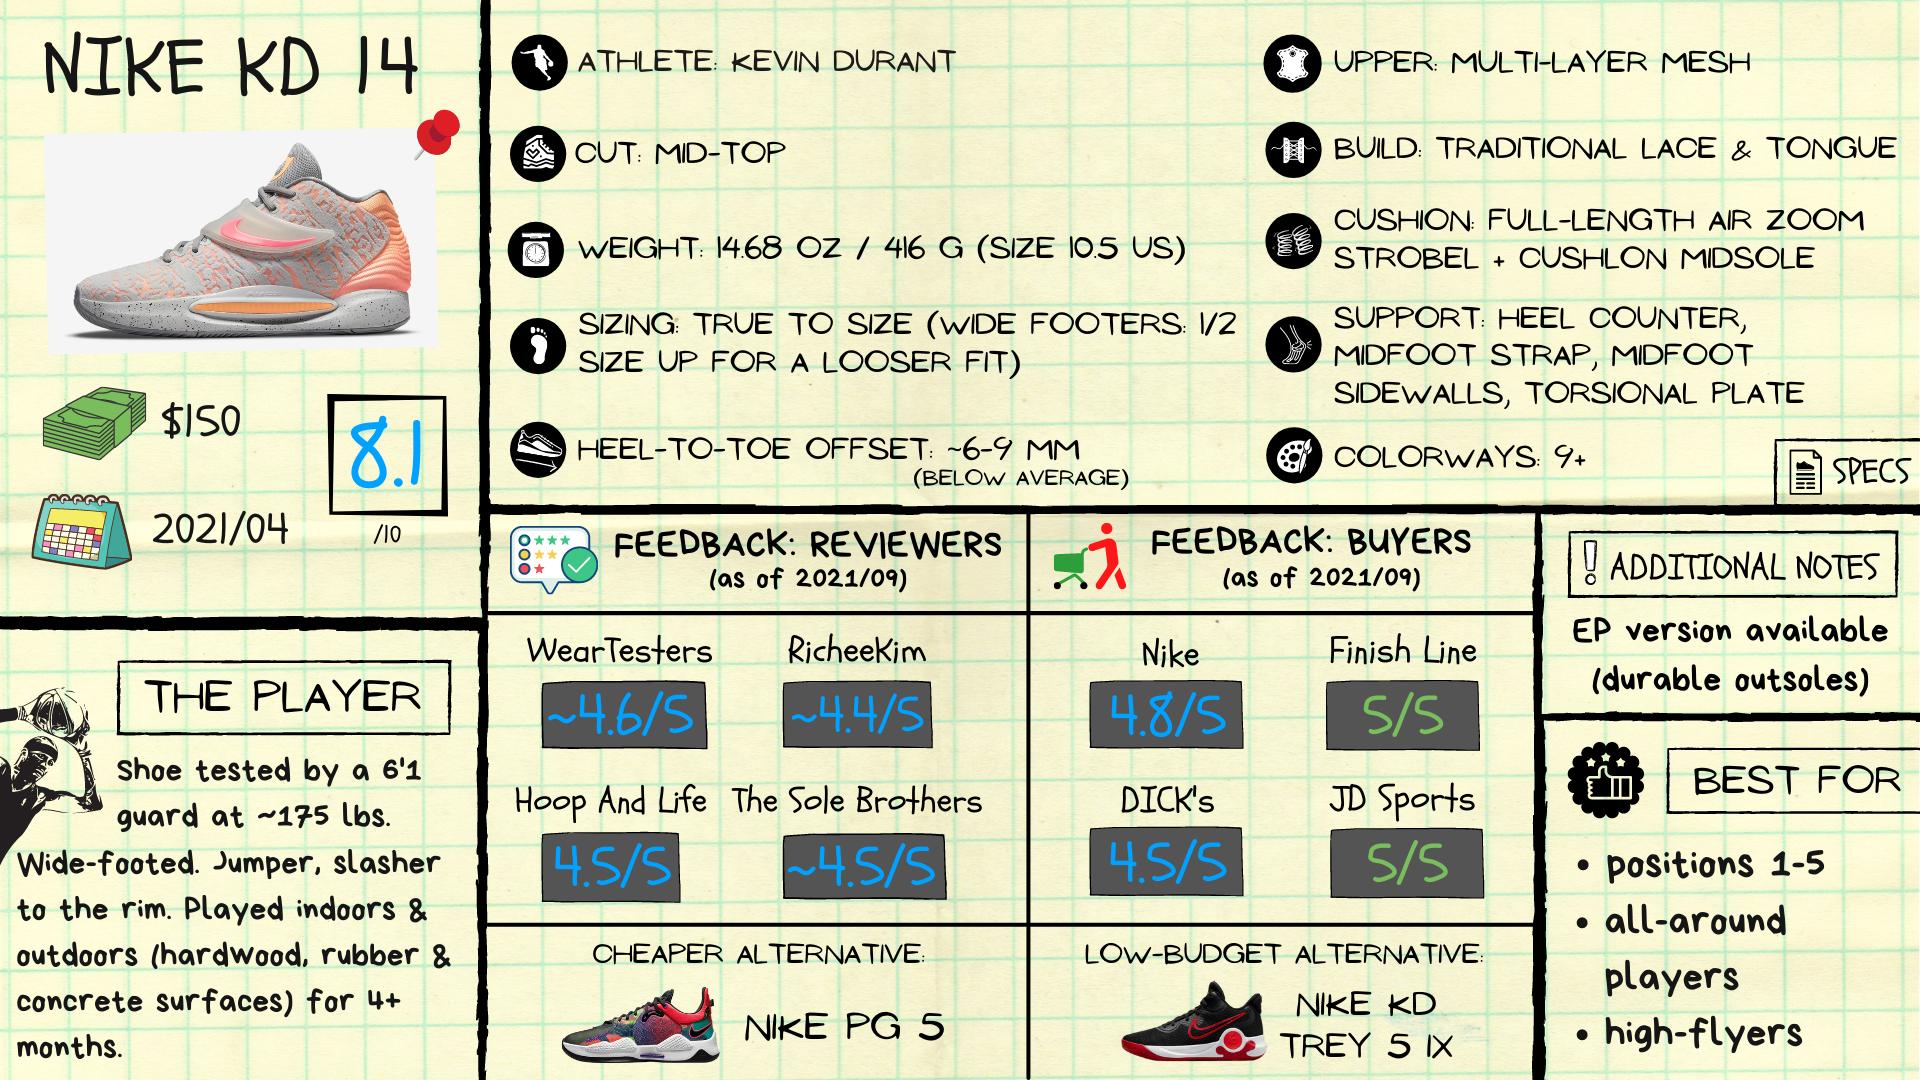 KD 14 Review: Spec Sheet